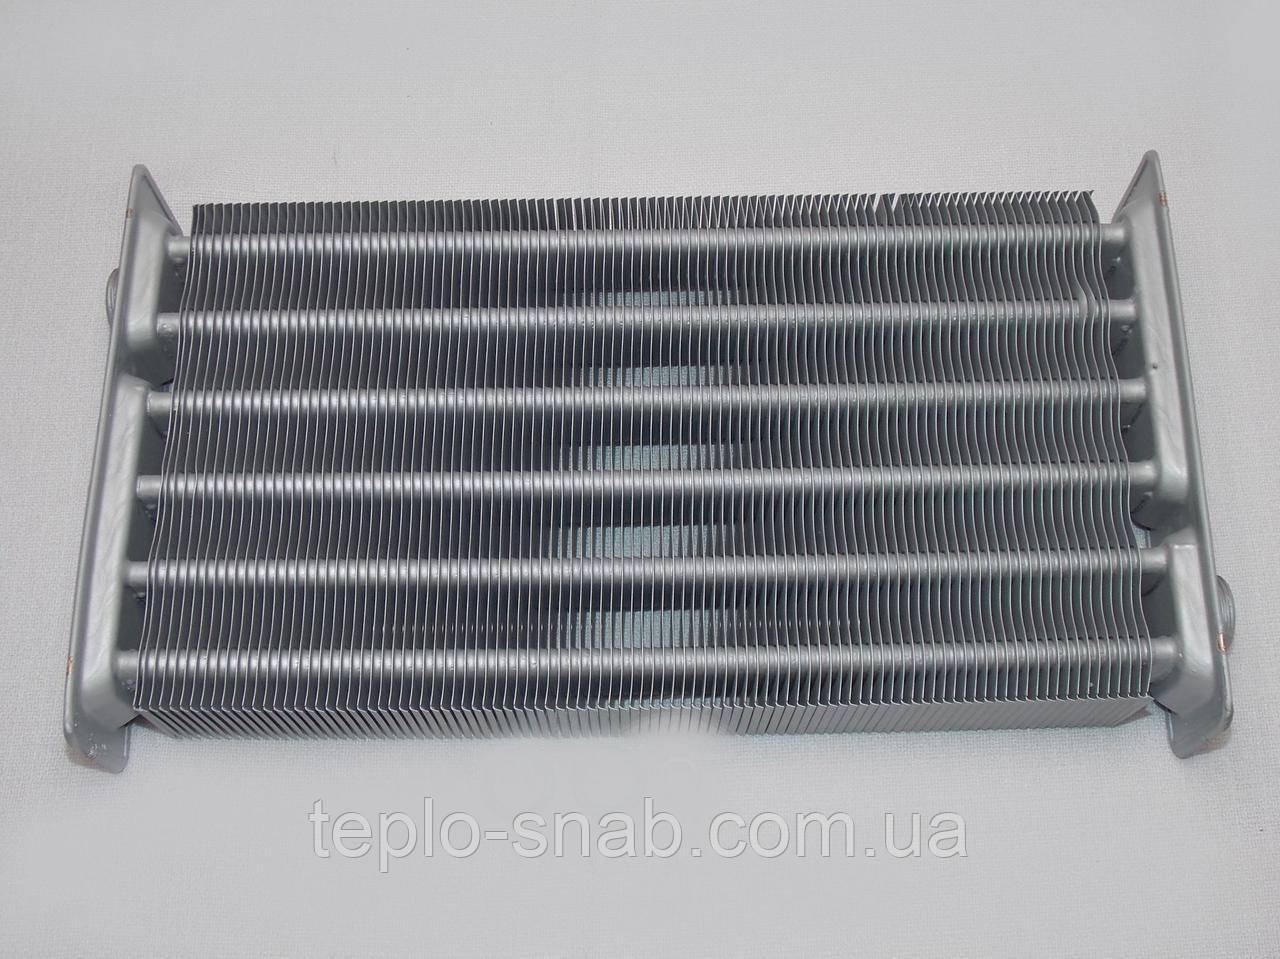 Теплообменник монотермический (первичный) Beretta Superexlusiv 28kw - 10024579, R2378